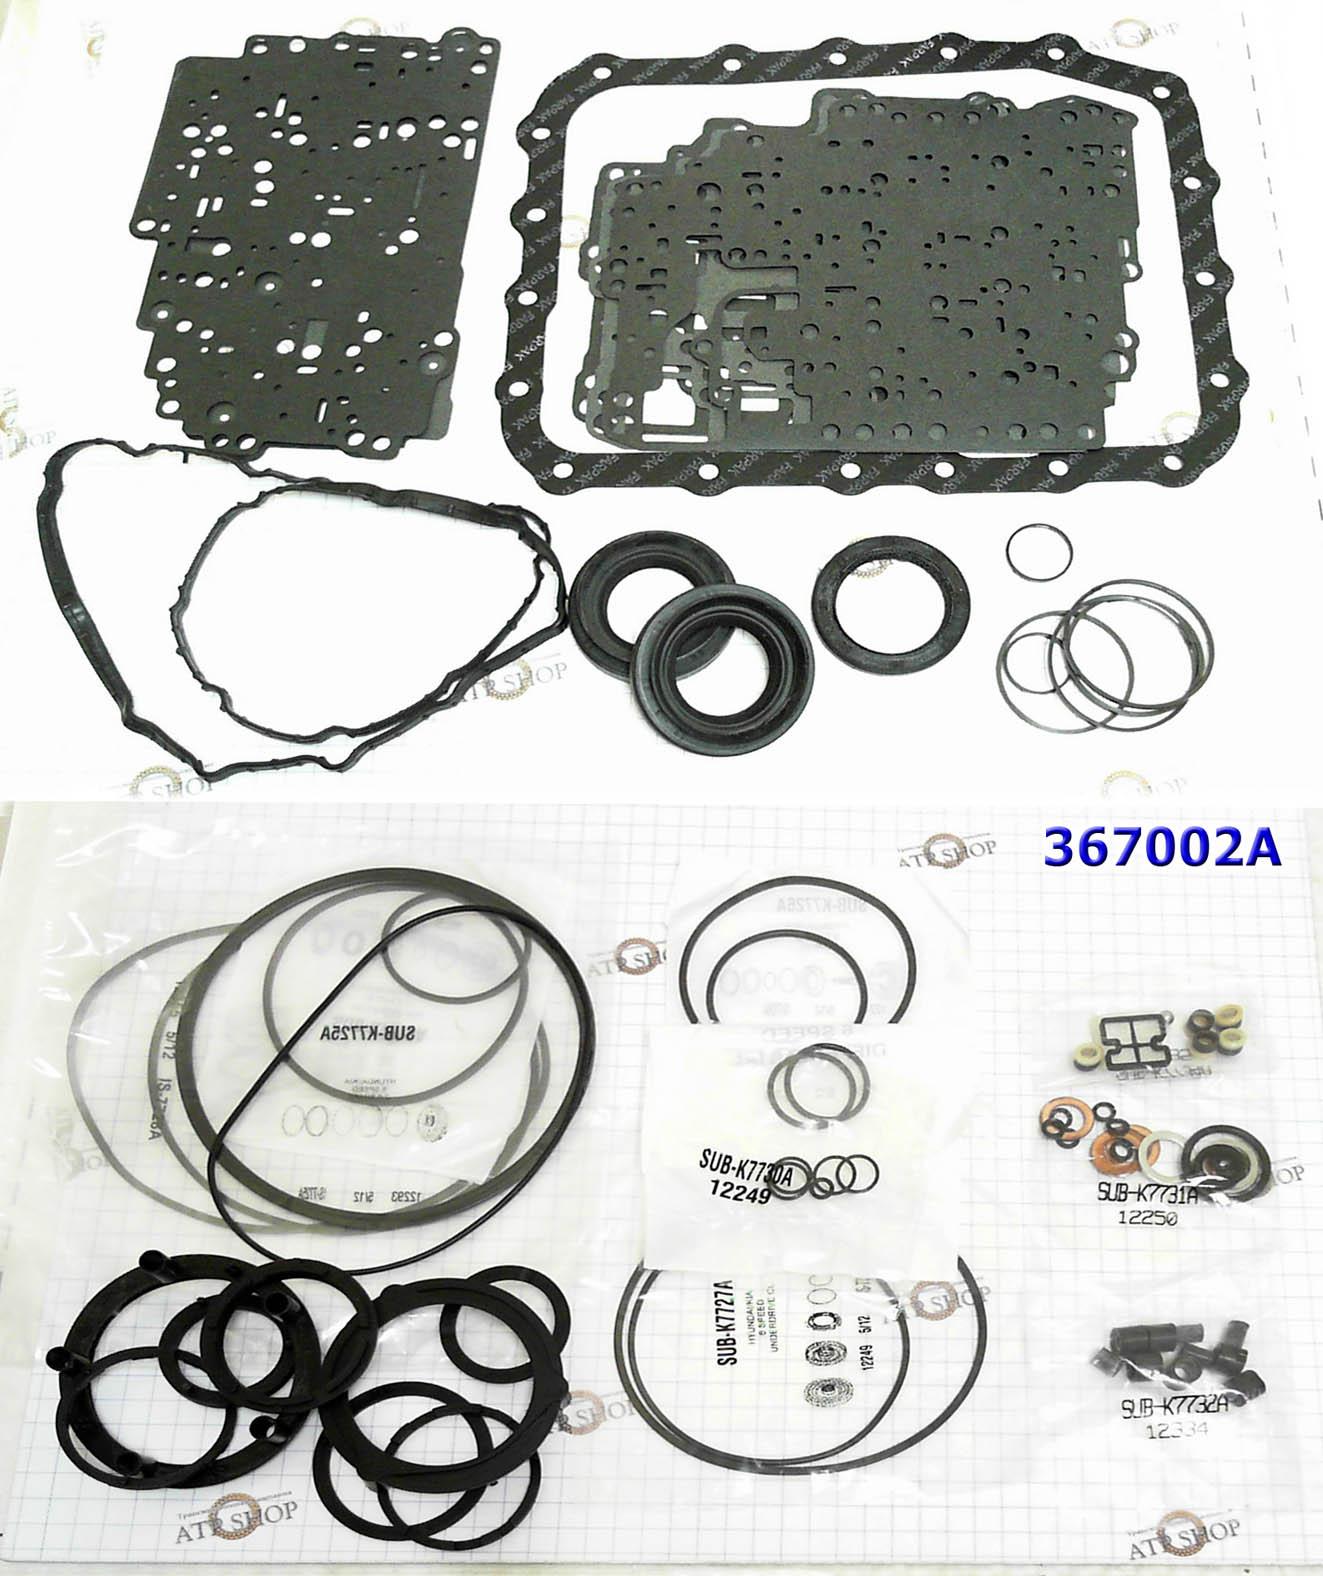 Ремонтный комплект прокладок и сальников для A6MF1/2